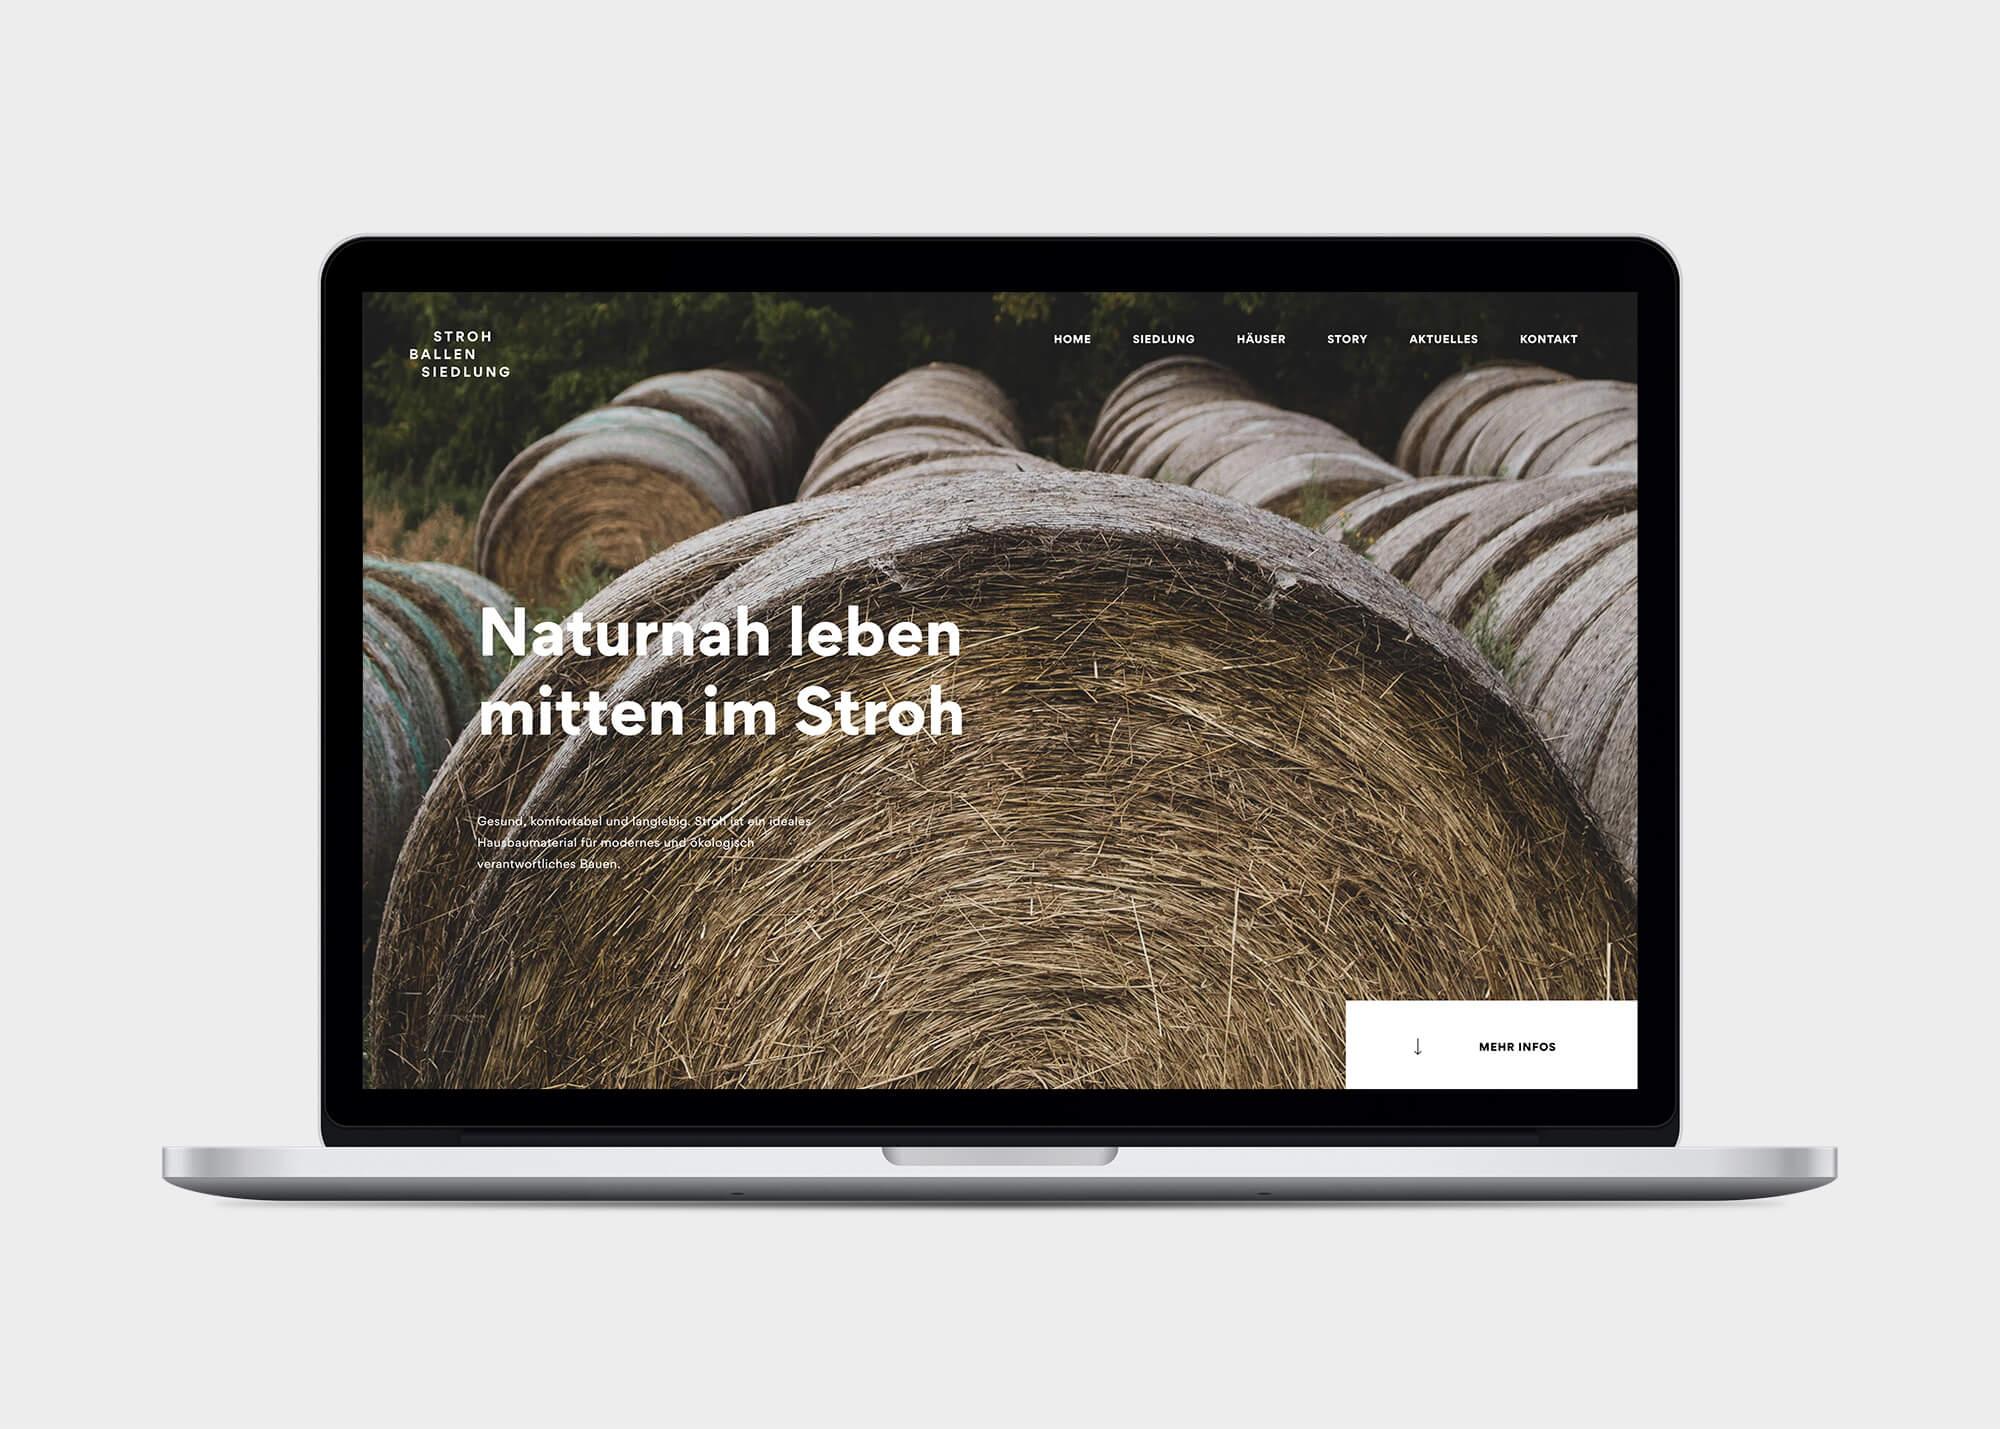 Webiste von kundenmagazine.de